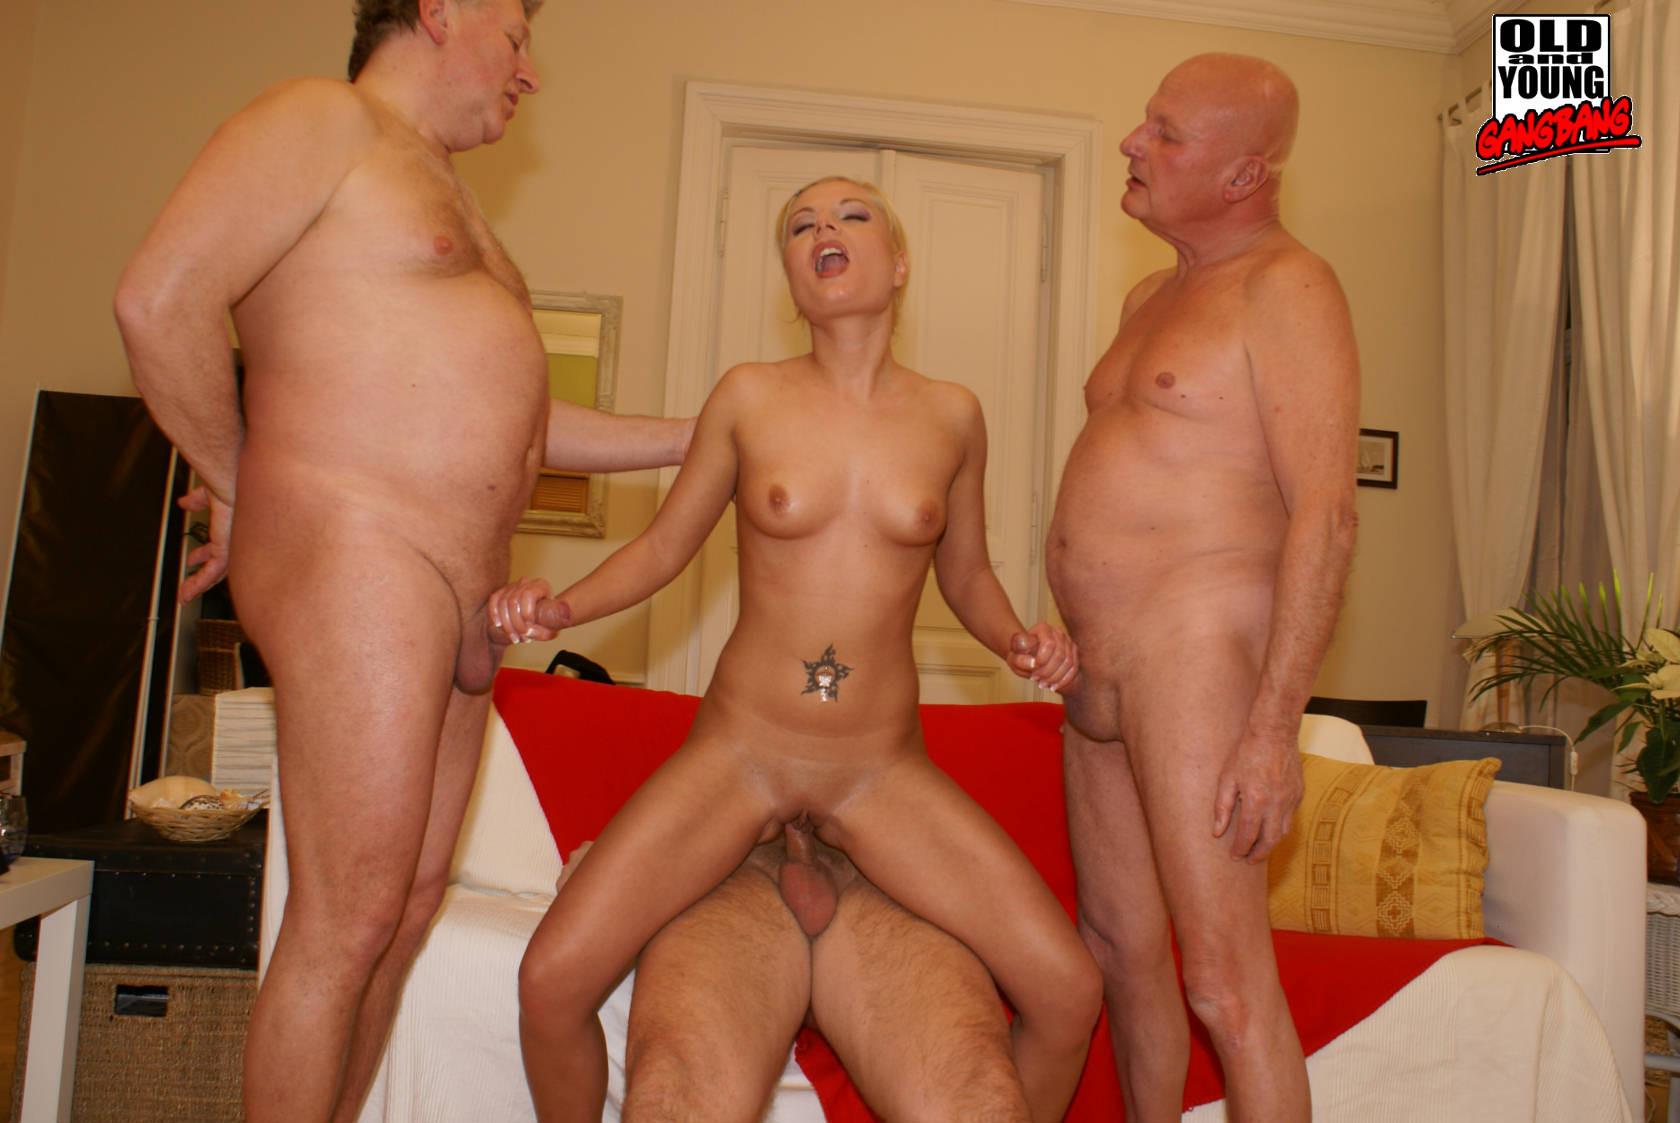 young girl nude gang bang